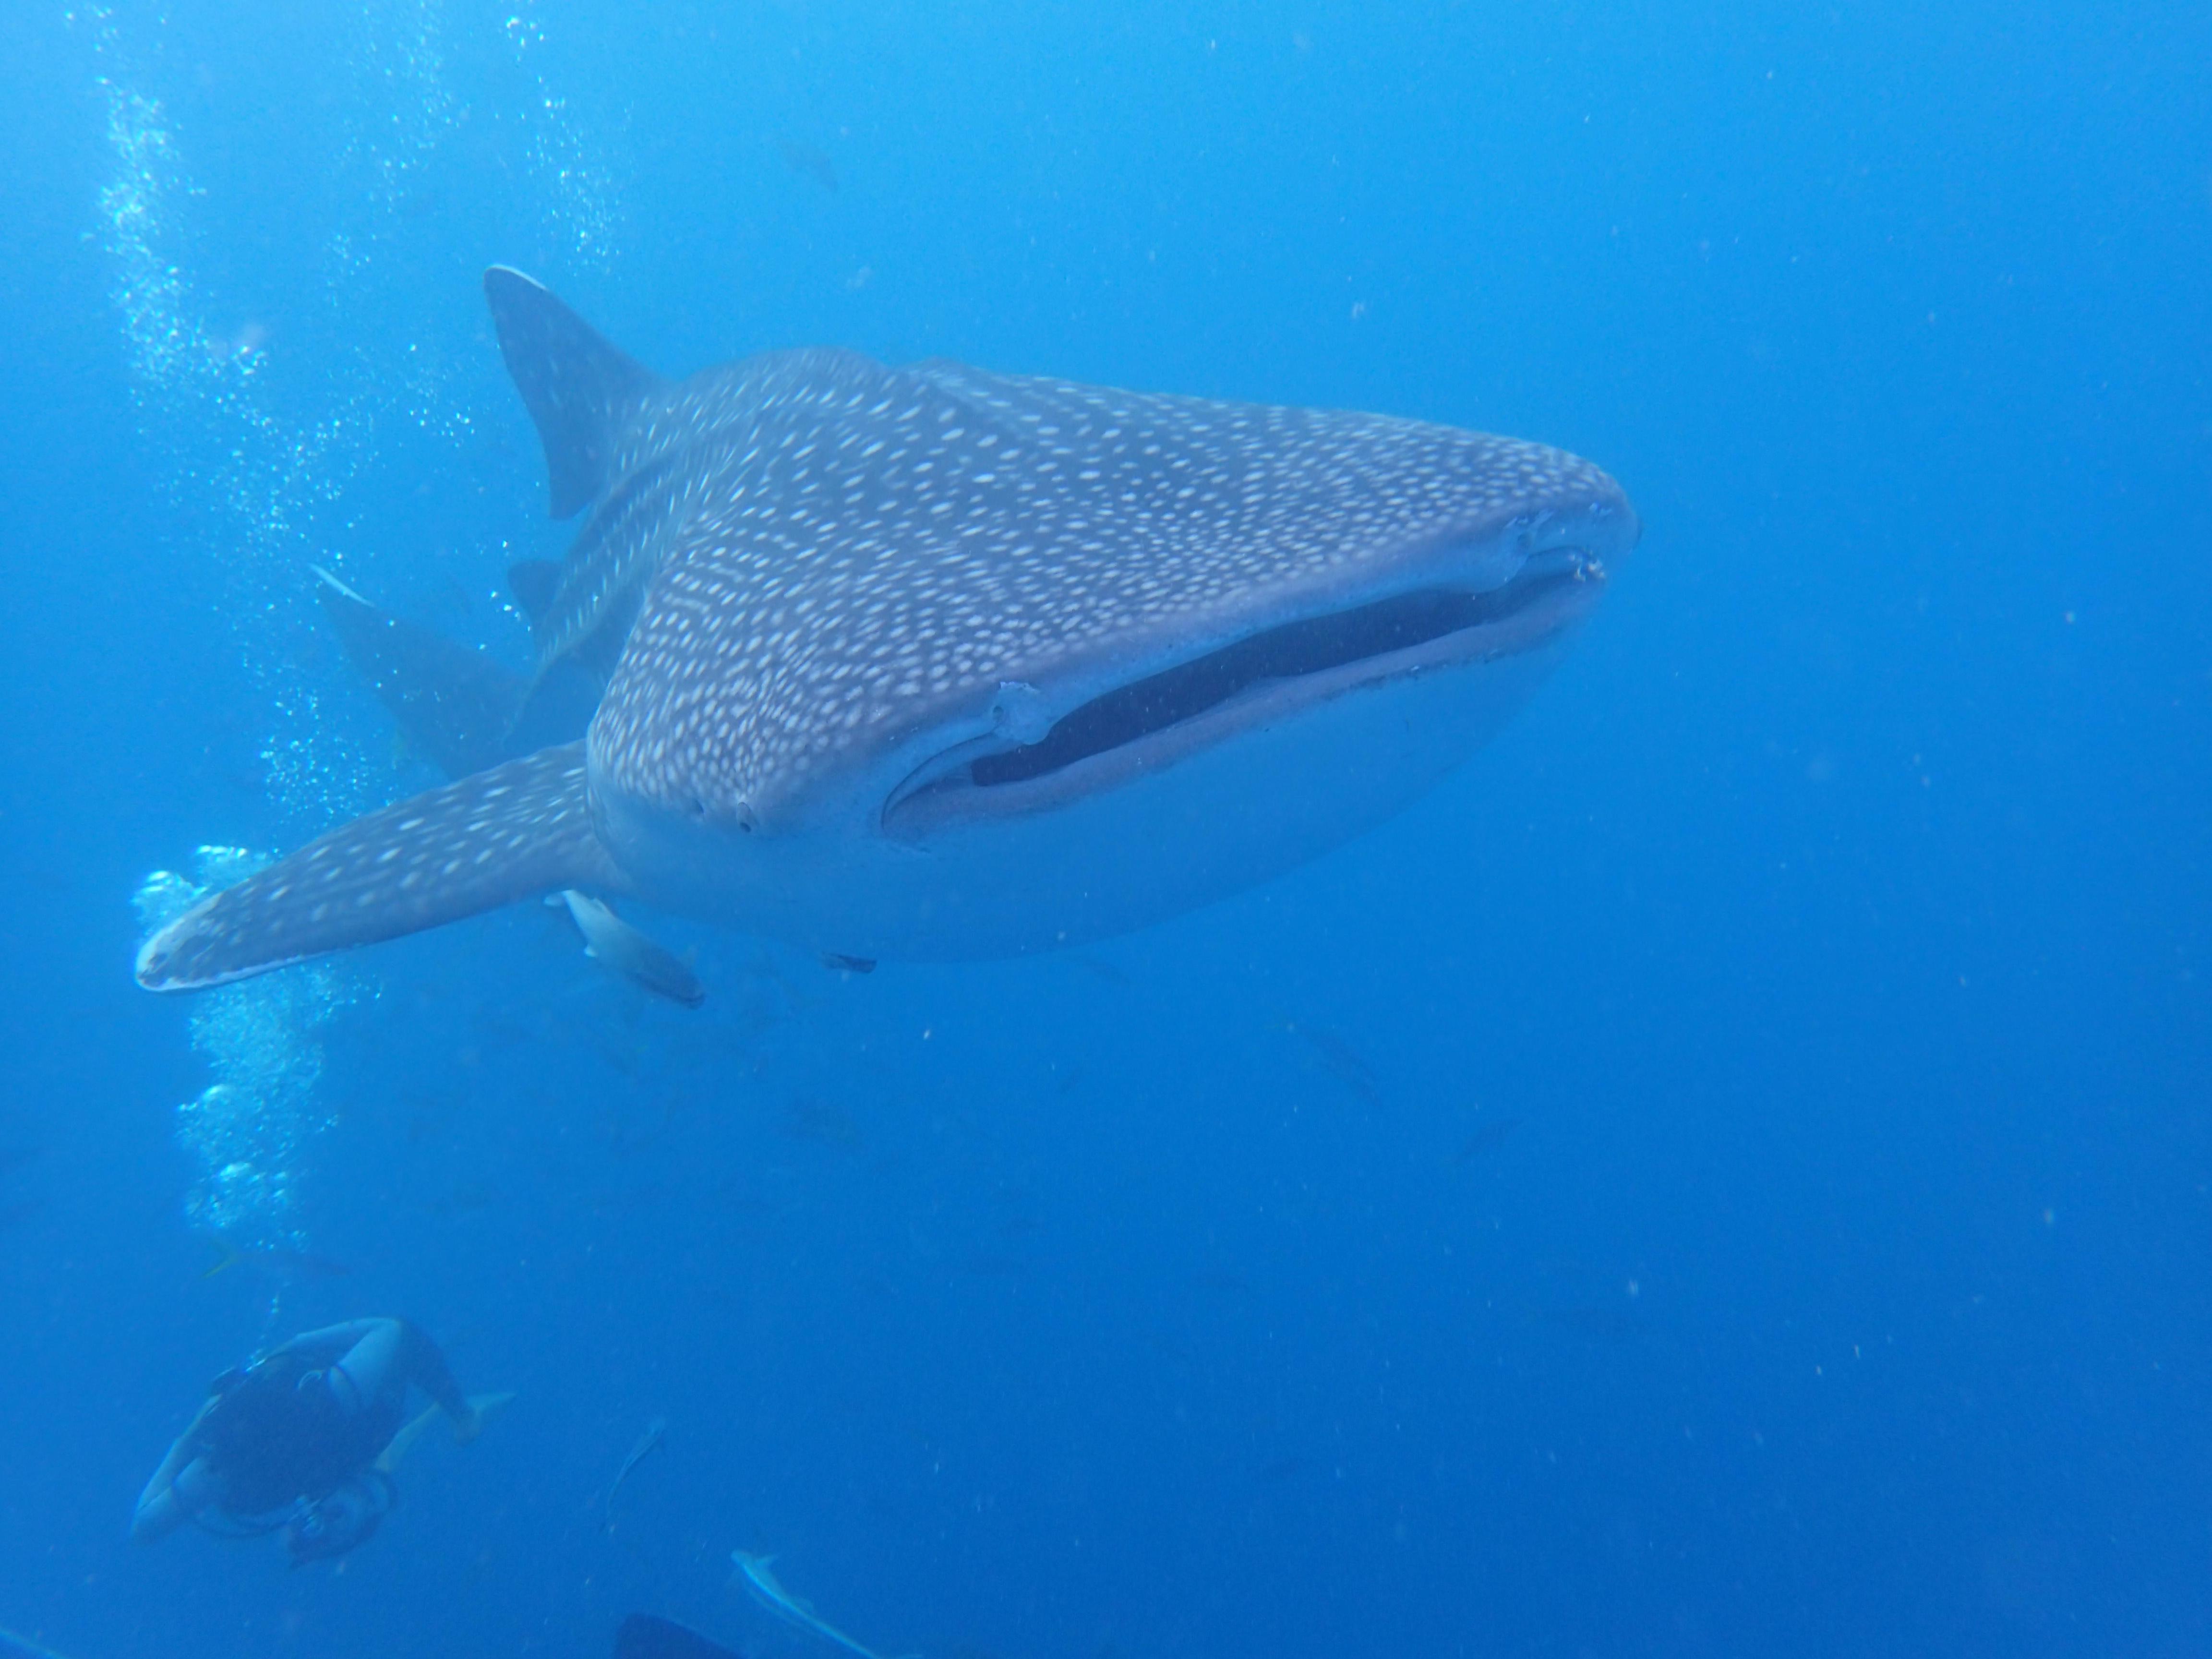 2014.11.01.鯨鯊潛水錄像2